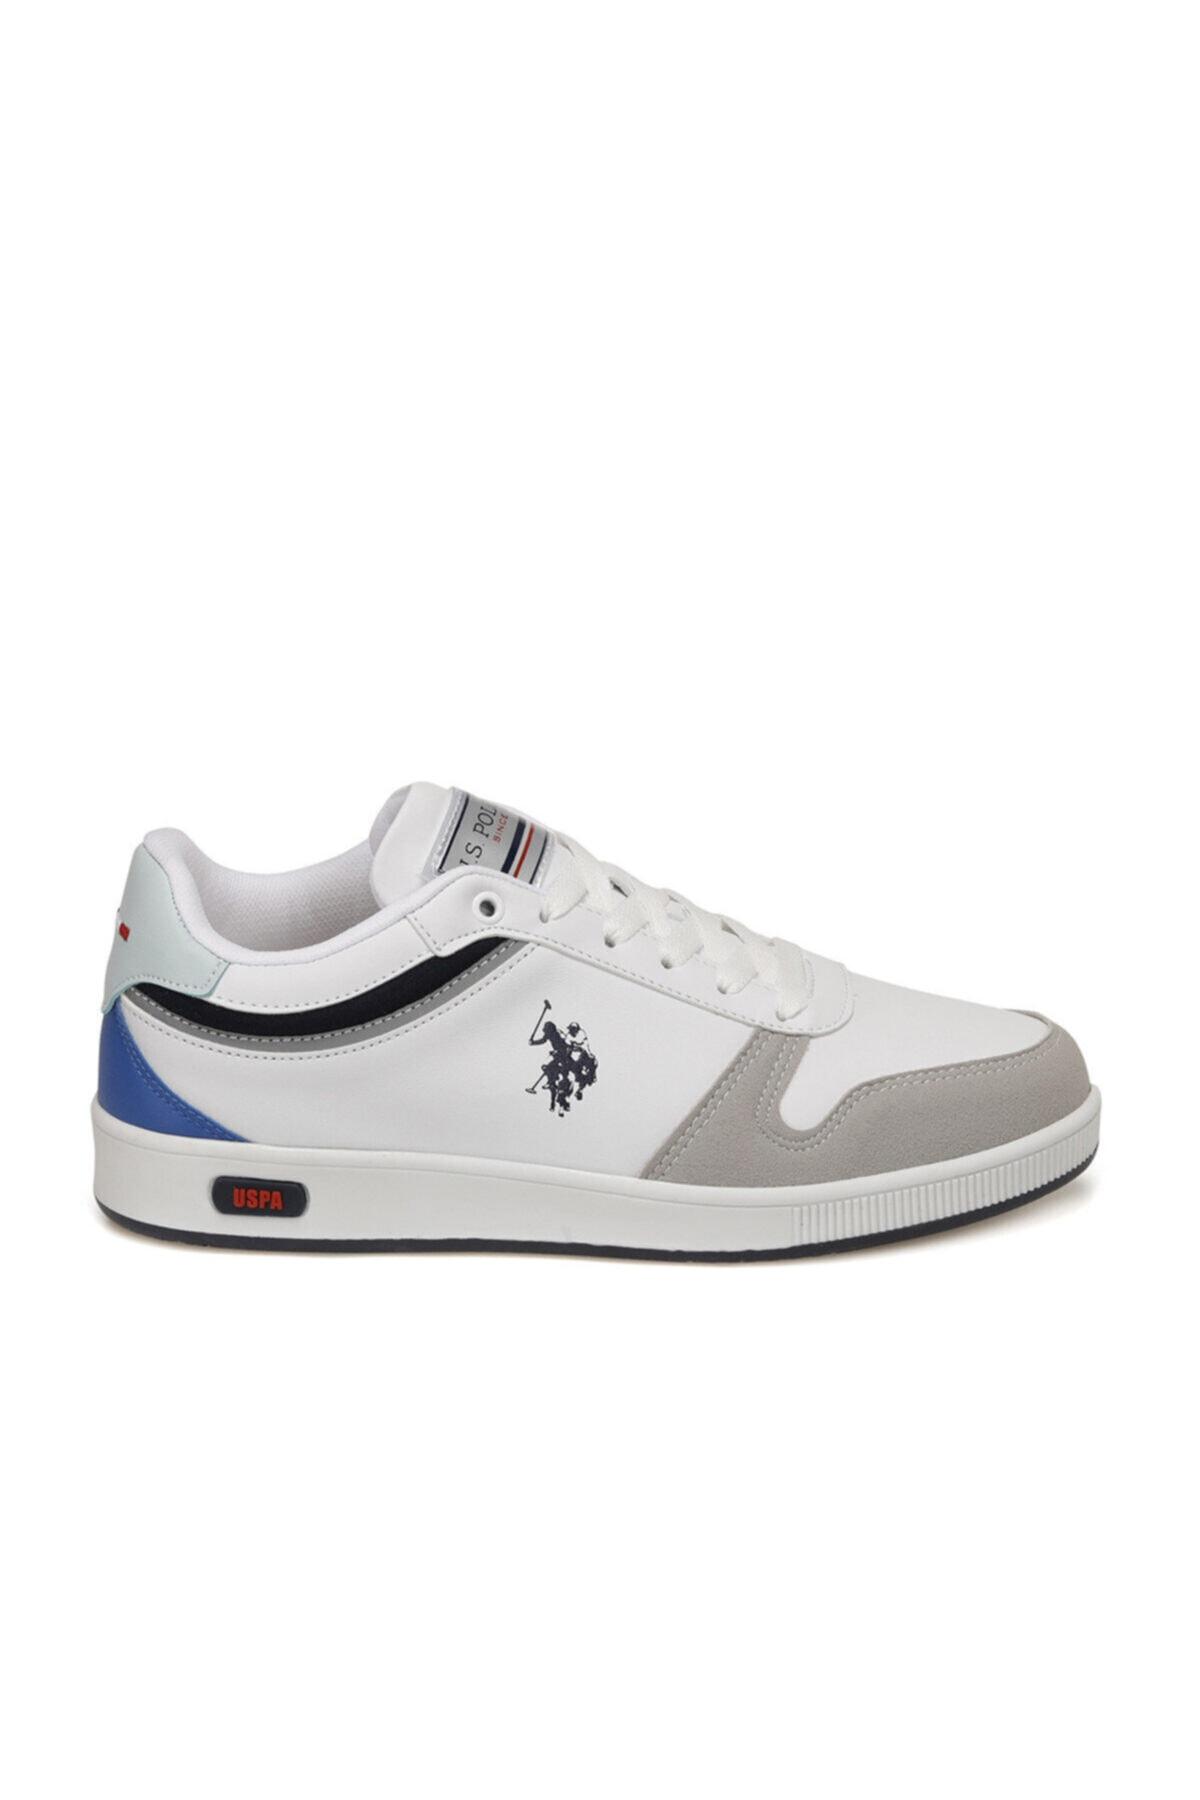 U.S. Polo Assn. Mango Beyaz Kadın Sneaker Ayakkabı 2